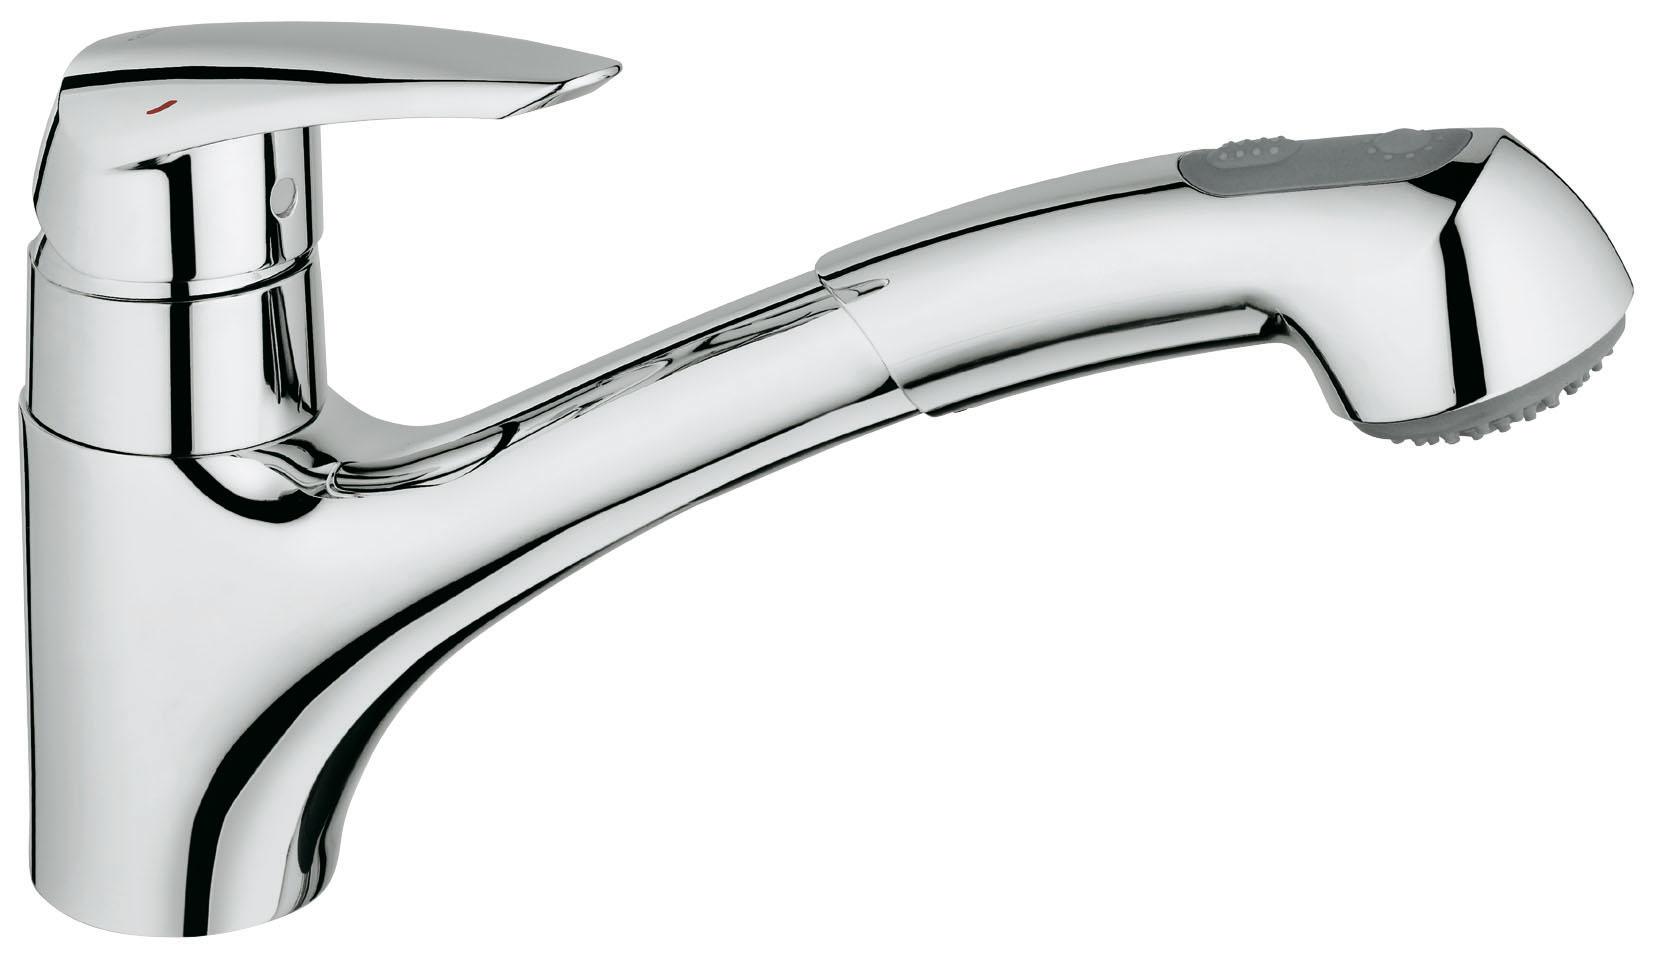 Смеситель для кухни GROHE Eurodisc с выдвижным изливом (32257001)32257001GROHE Eurodisc: удобный смеситель для кухни с выдвижной душевой головкой Когда после приготовления вкусного ужина останется гора грязных кастрюль и сковород, выдвижная душевая головка данного кухонного смесителя поможет Вам разделаться с ними со скоростью профессионала. Этот однорычажный смеситель всегда поможет Вам быстро справляться с мытьем посуды и поддержанием мойки в чистоте. Благодаря картриджу с технологией GROHE SilkMove, рычаг управления отличается плавным и легким ходом. Возможность вращения излива в радиусе 140° увеличивает свободу движений при повседневной работе на кухне. Данный смеситель был разработан таким образом, чтобы быть удобным для пользователей во всех отношениях, поэтому он снабжен системой предотвращения известкования SpeedClean и системой упрощенного монтажа, позволяющей выполнить его установку быстро и без затруднений. Благодаря сияющему хромированному покрытию GROHE, этот надежный смеситель Eurodisc станет эффектным дополнением к оснащению Вашей кухни. ...